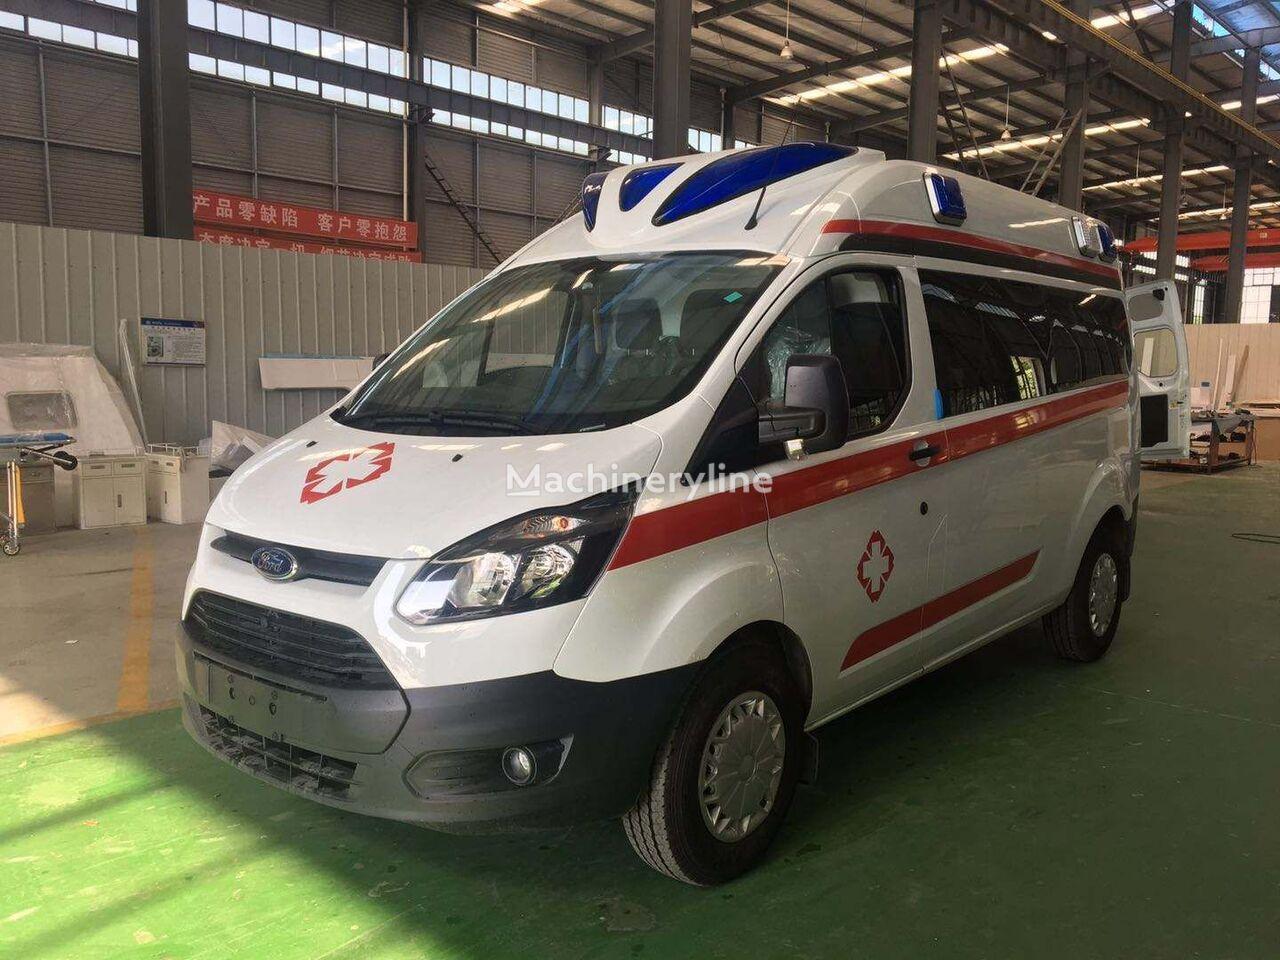 новая машина скорой помощи FORD JX6503TB-L6